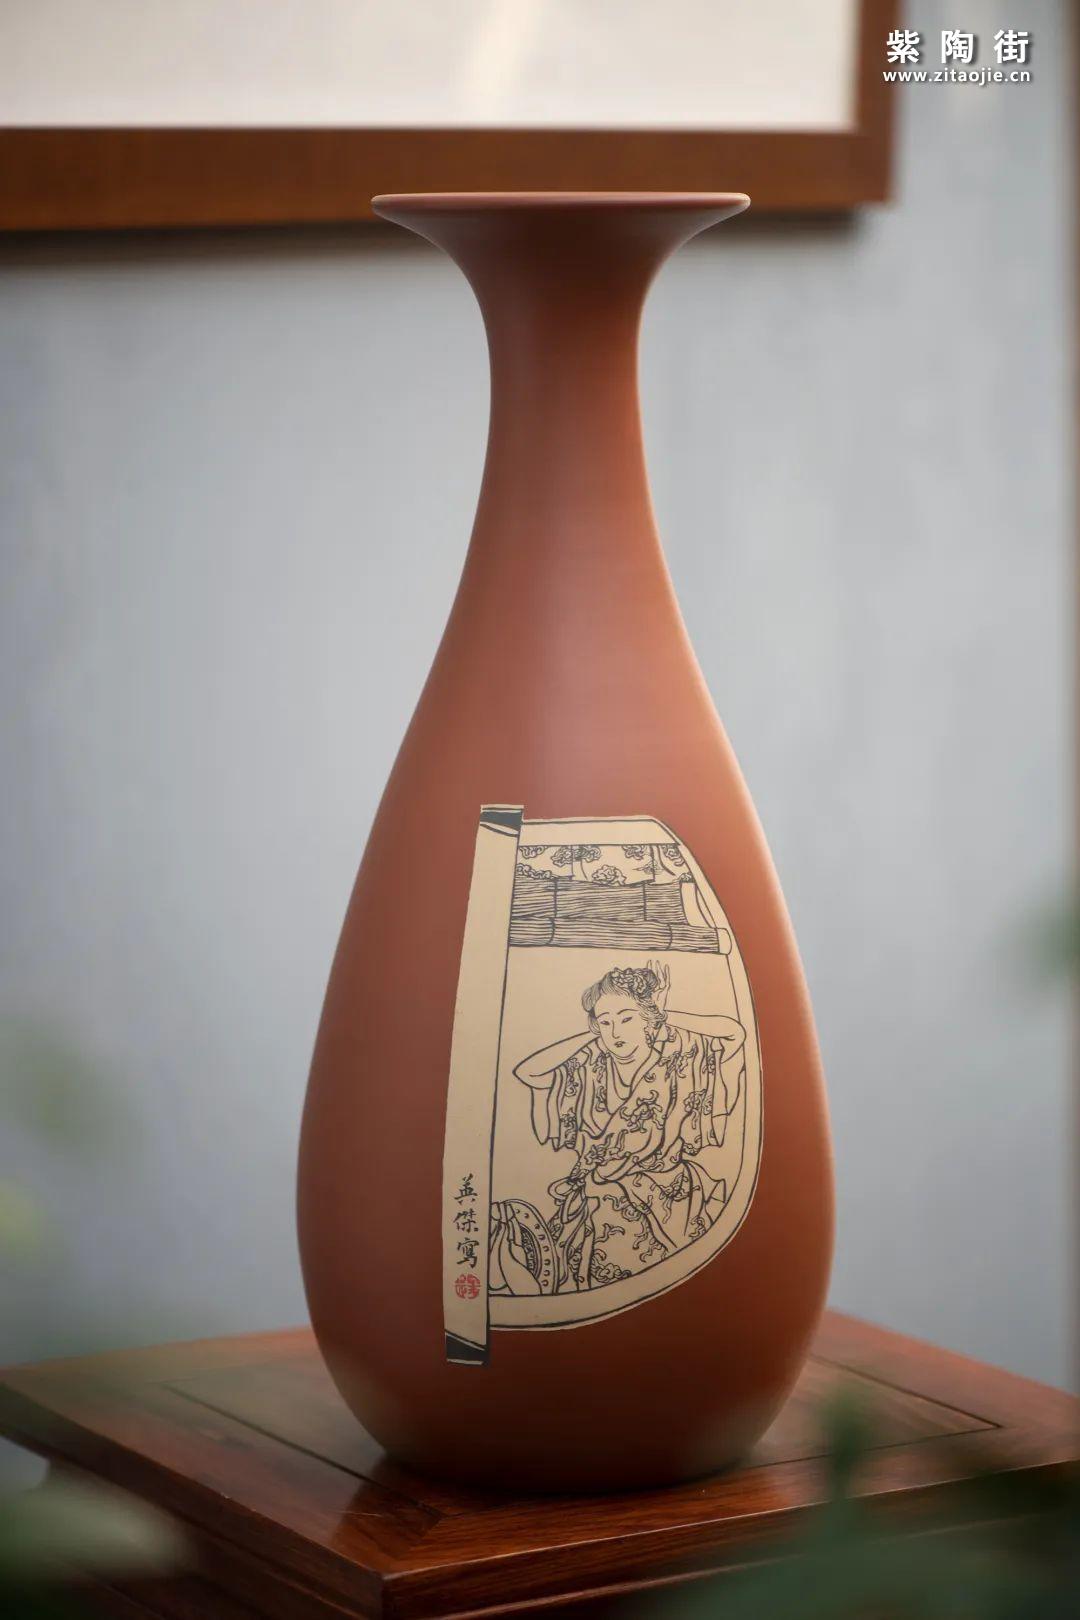 建水紫陶羊肝红是什么样子的插图4